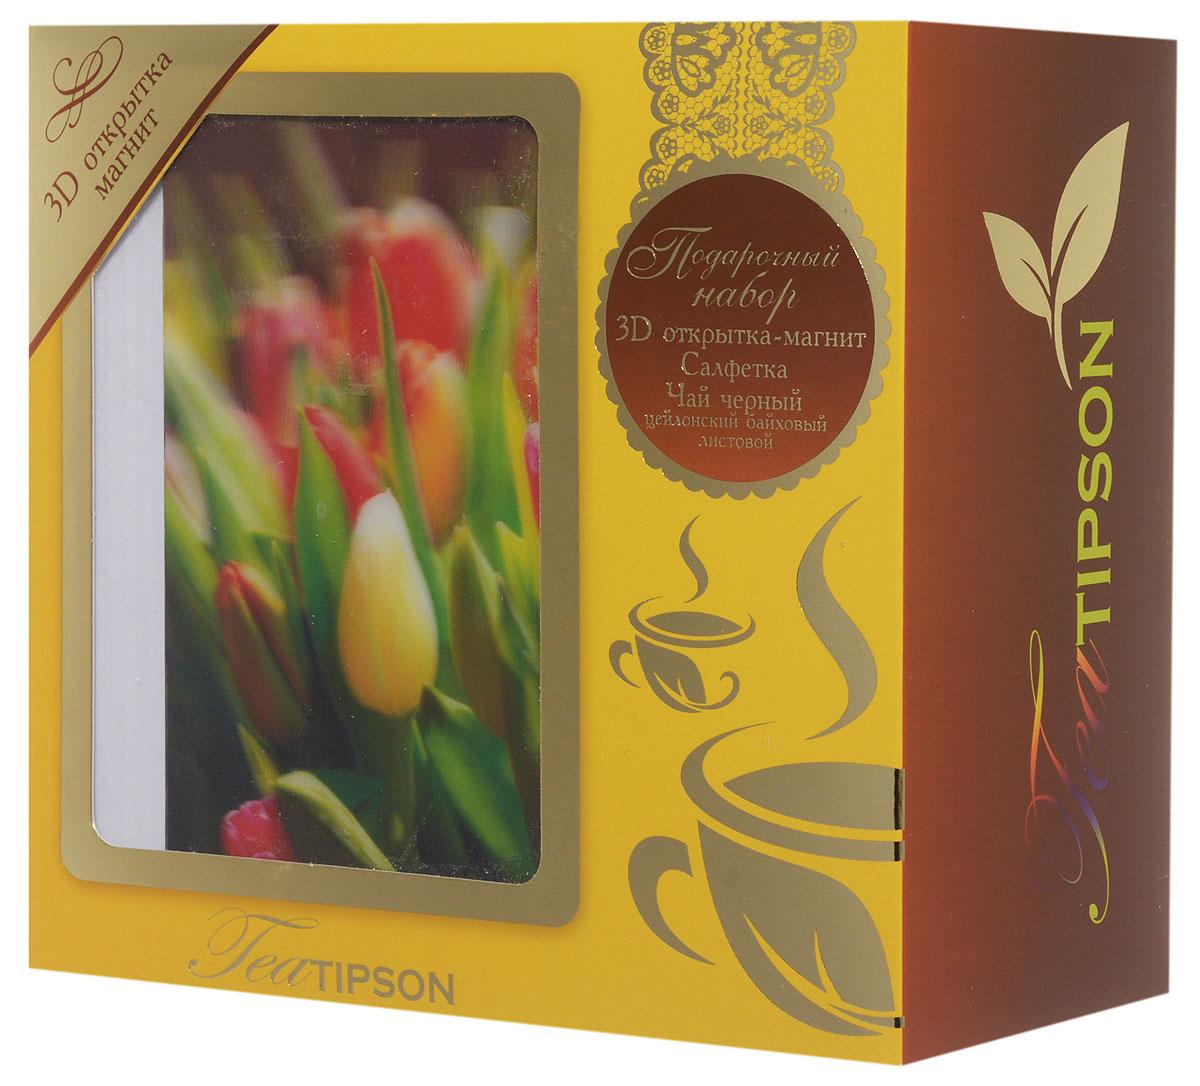 Tipson Подарочный набор Желтый черный чай Ceylon №1 с 3D открыткой-магнитом и салфеткой для дома, 85 г101246Ищите подарок любимой хозяюшке? Подарите отличный набор Tipson Желтый в красочной упаковке из дизайнерского картона и ярким принтом. В комплект с упаковкой традиционного чая Tipson Ceylon №1 входит нужная в каждом доме яркая салфетка из 100% хлопка, а также яркая, переливающаяся 3D-открытка, которую можно повесить на холодильник и которая будет напоминать о вас круглый год.Размер открытки: 120 x 155 ммРазмер салфетки: 300 x 300 мм